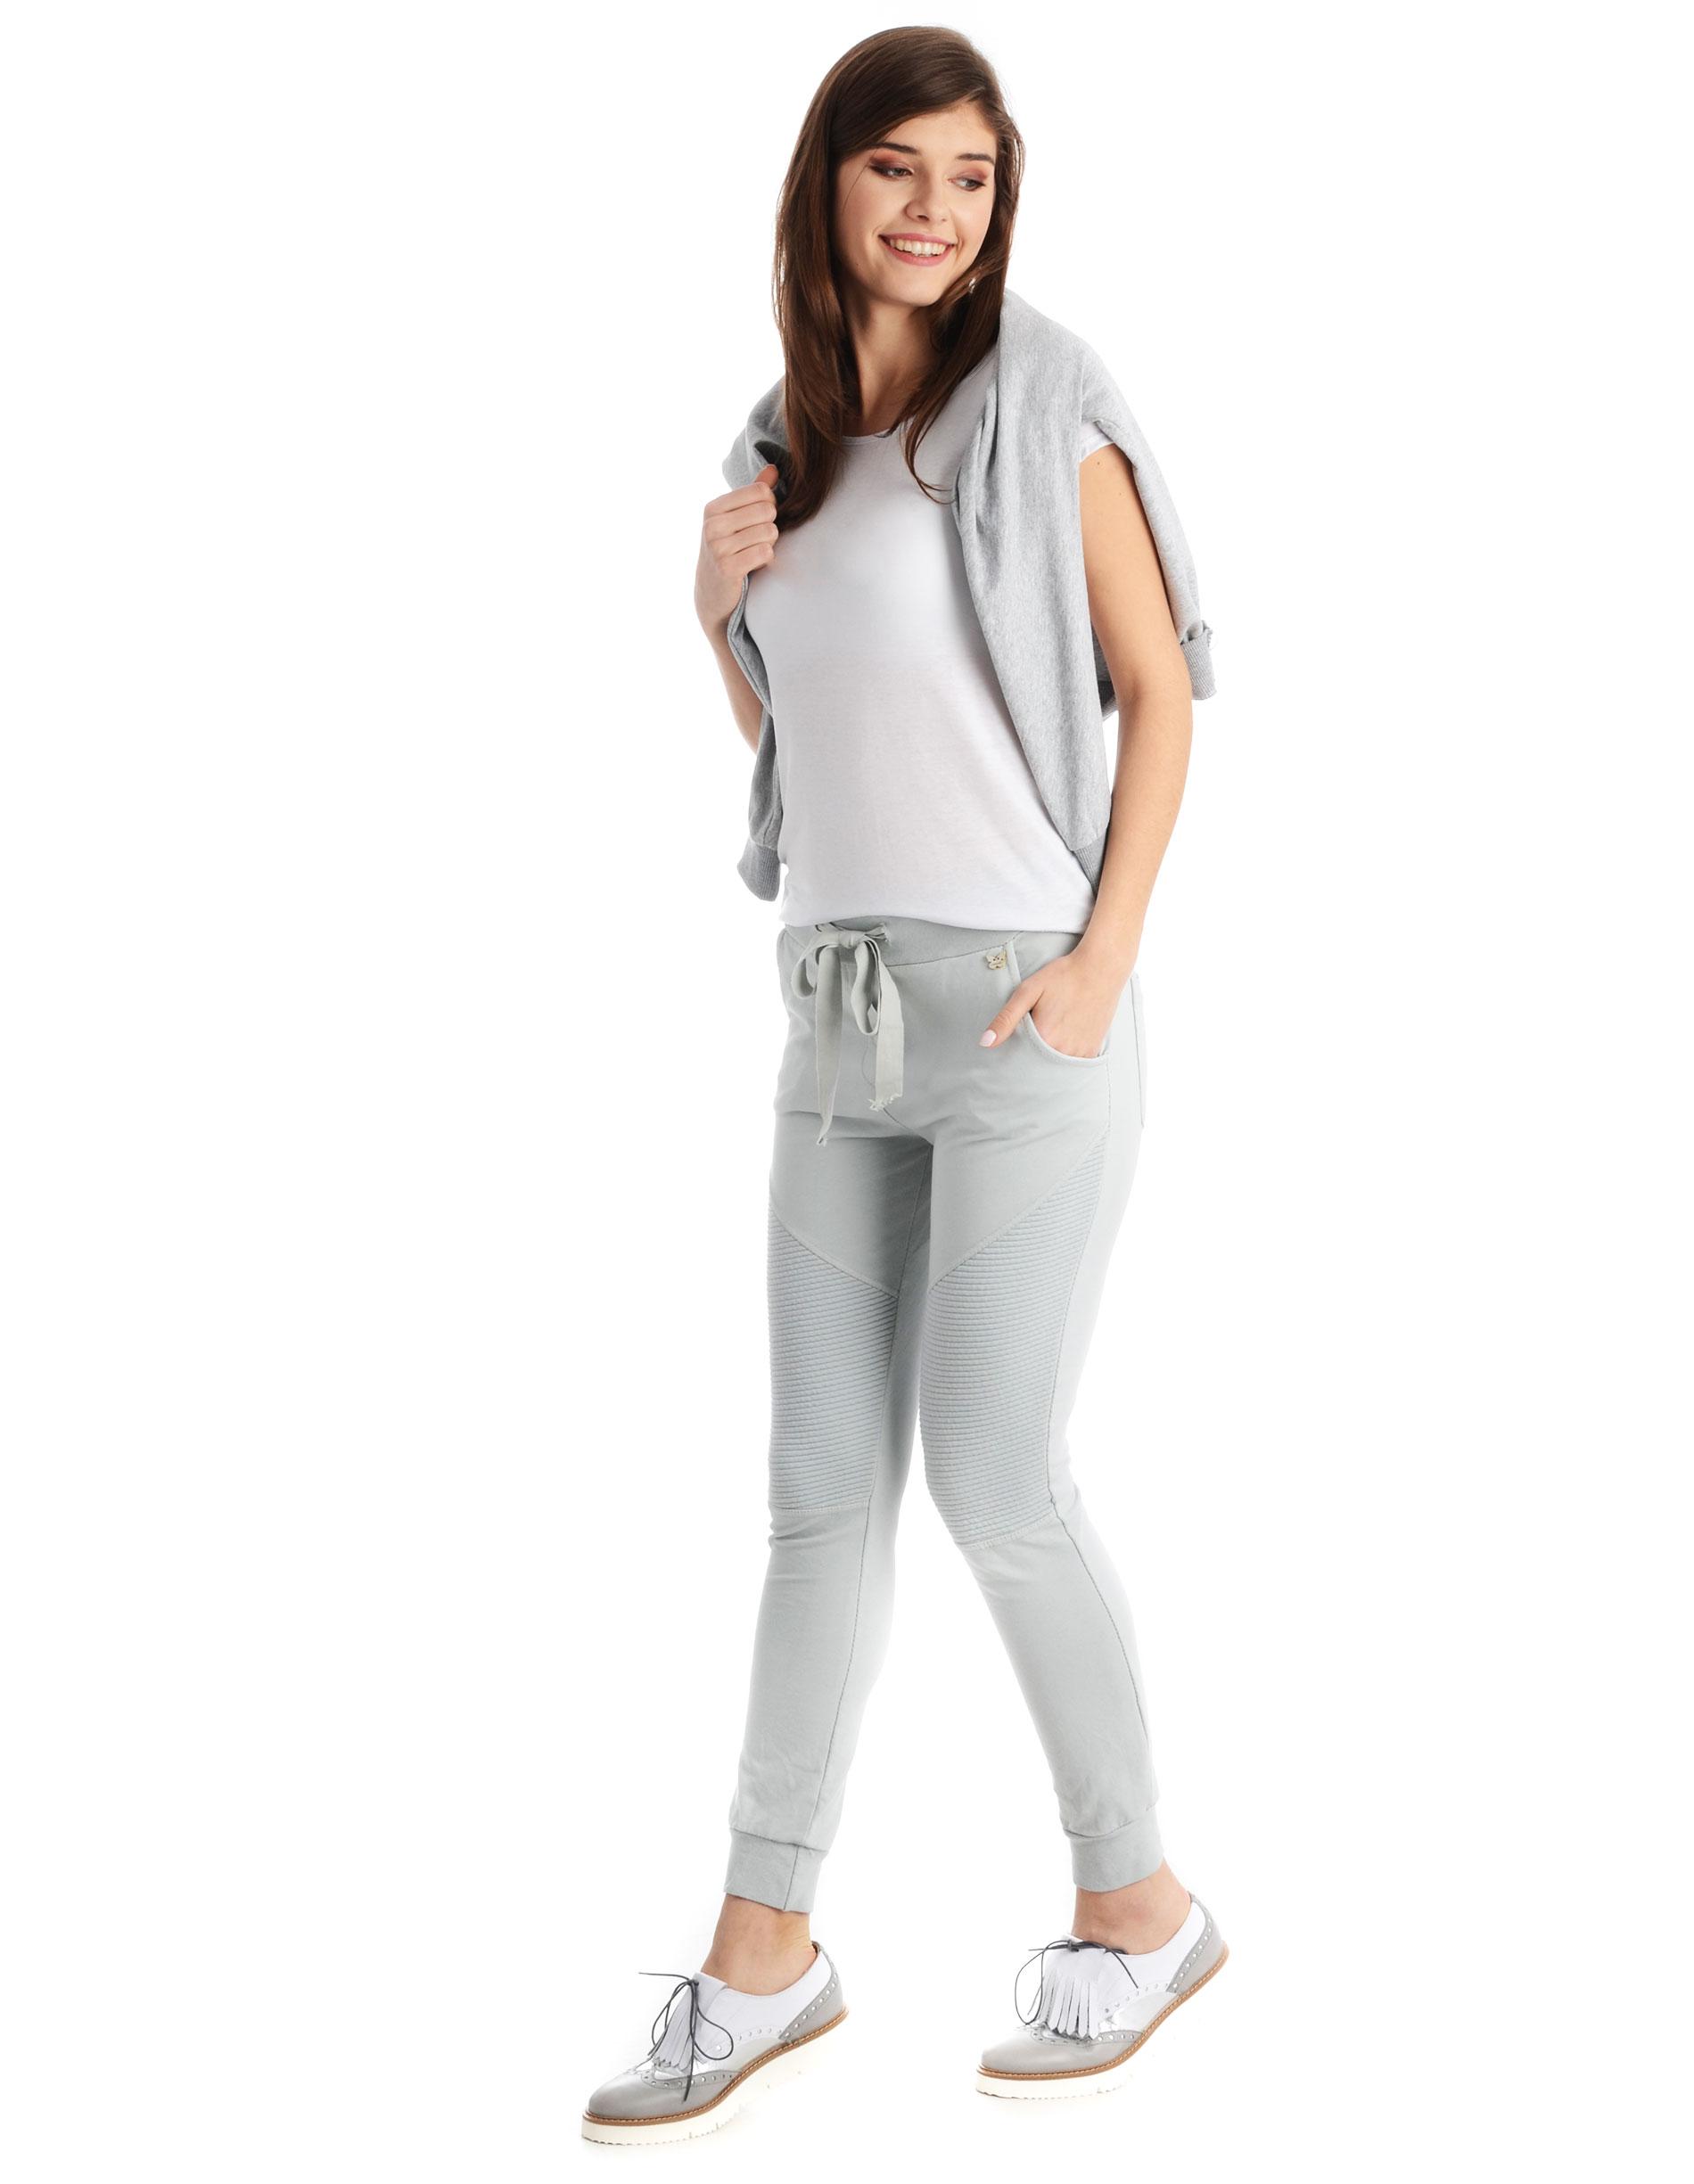 Spodnie - 137-3366 GRIG - Unisono